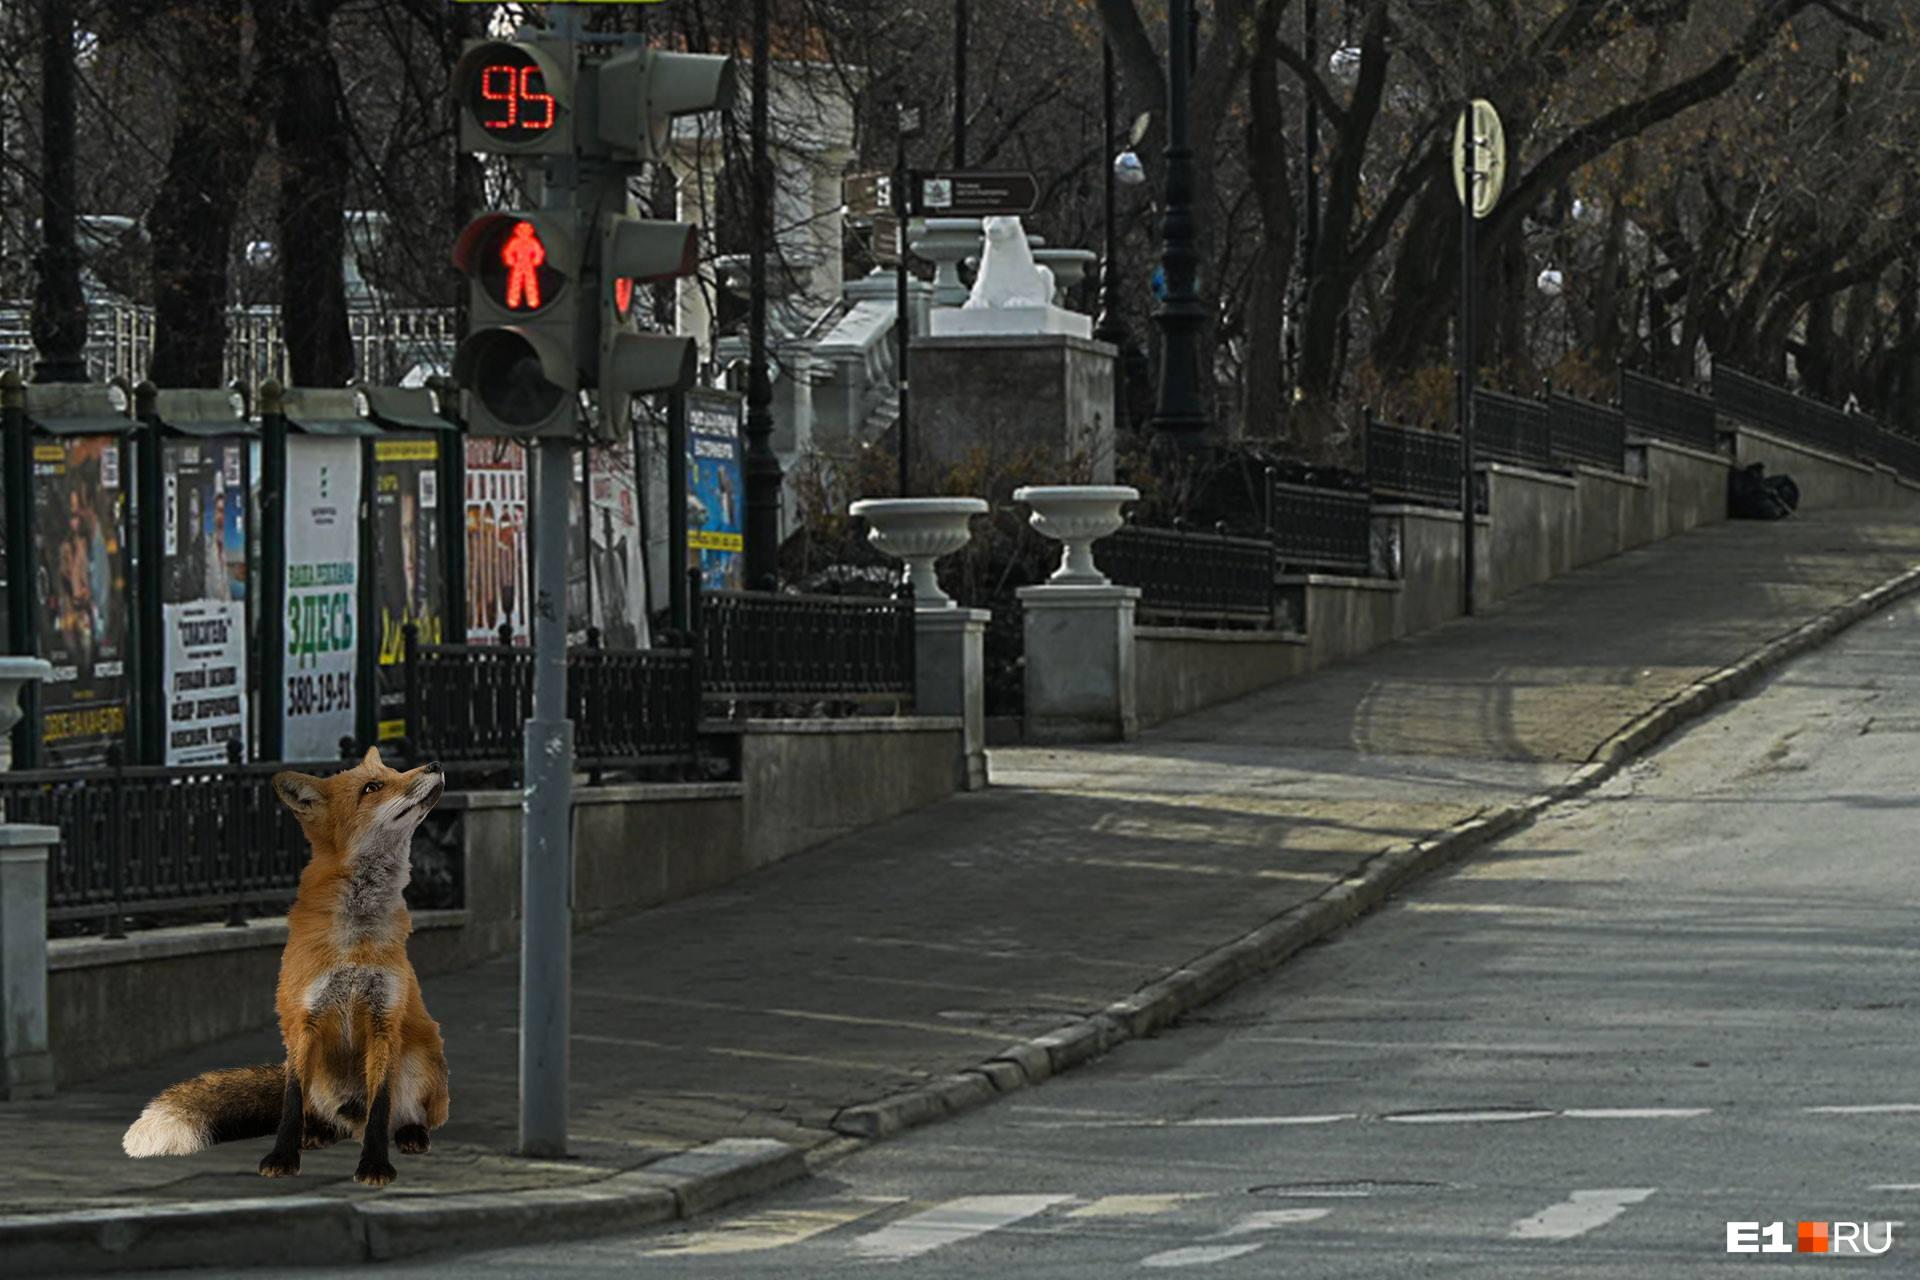 Лисы, кстати, довольно часто приходят в город